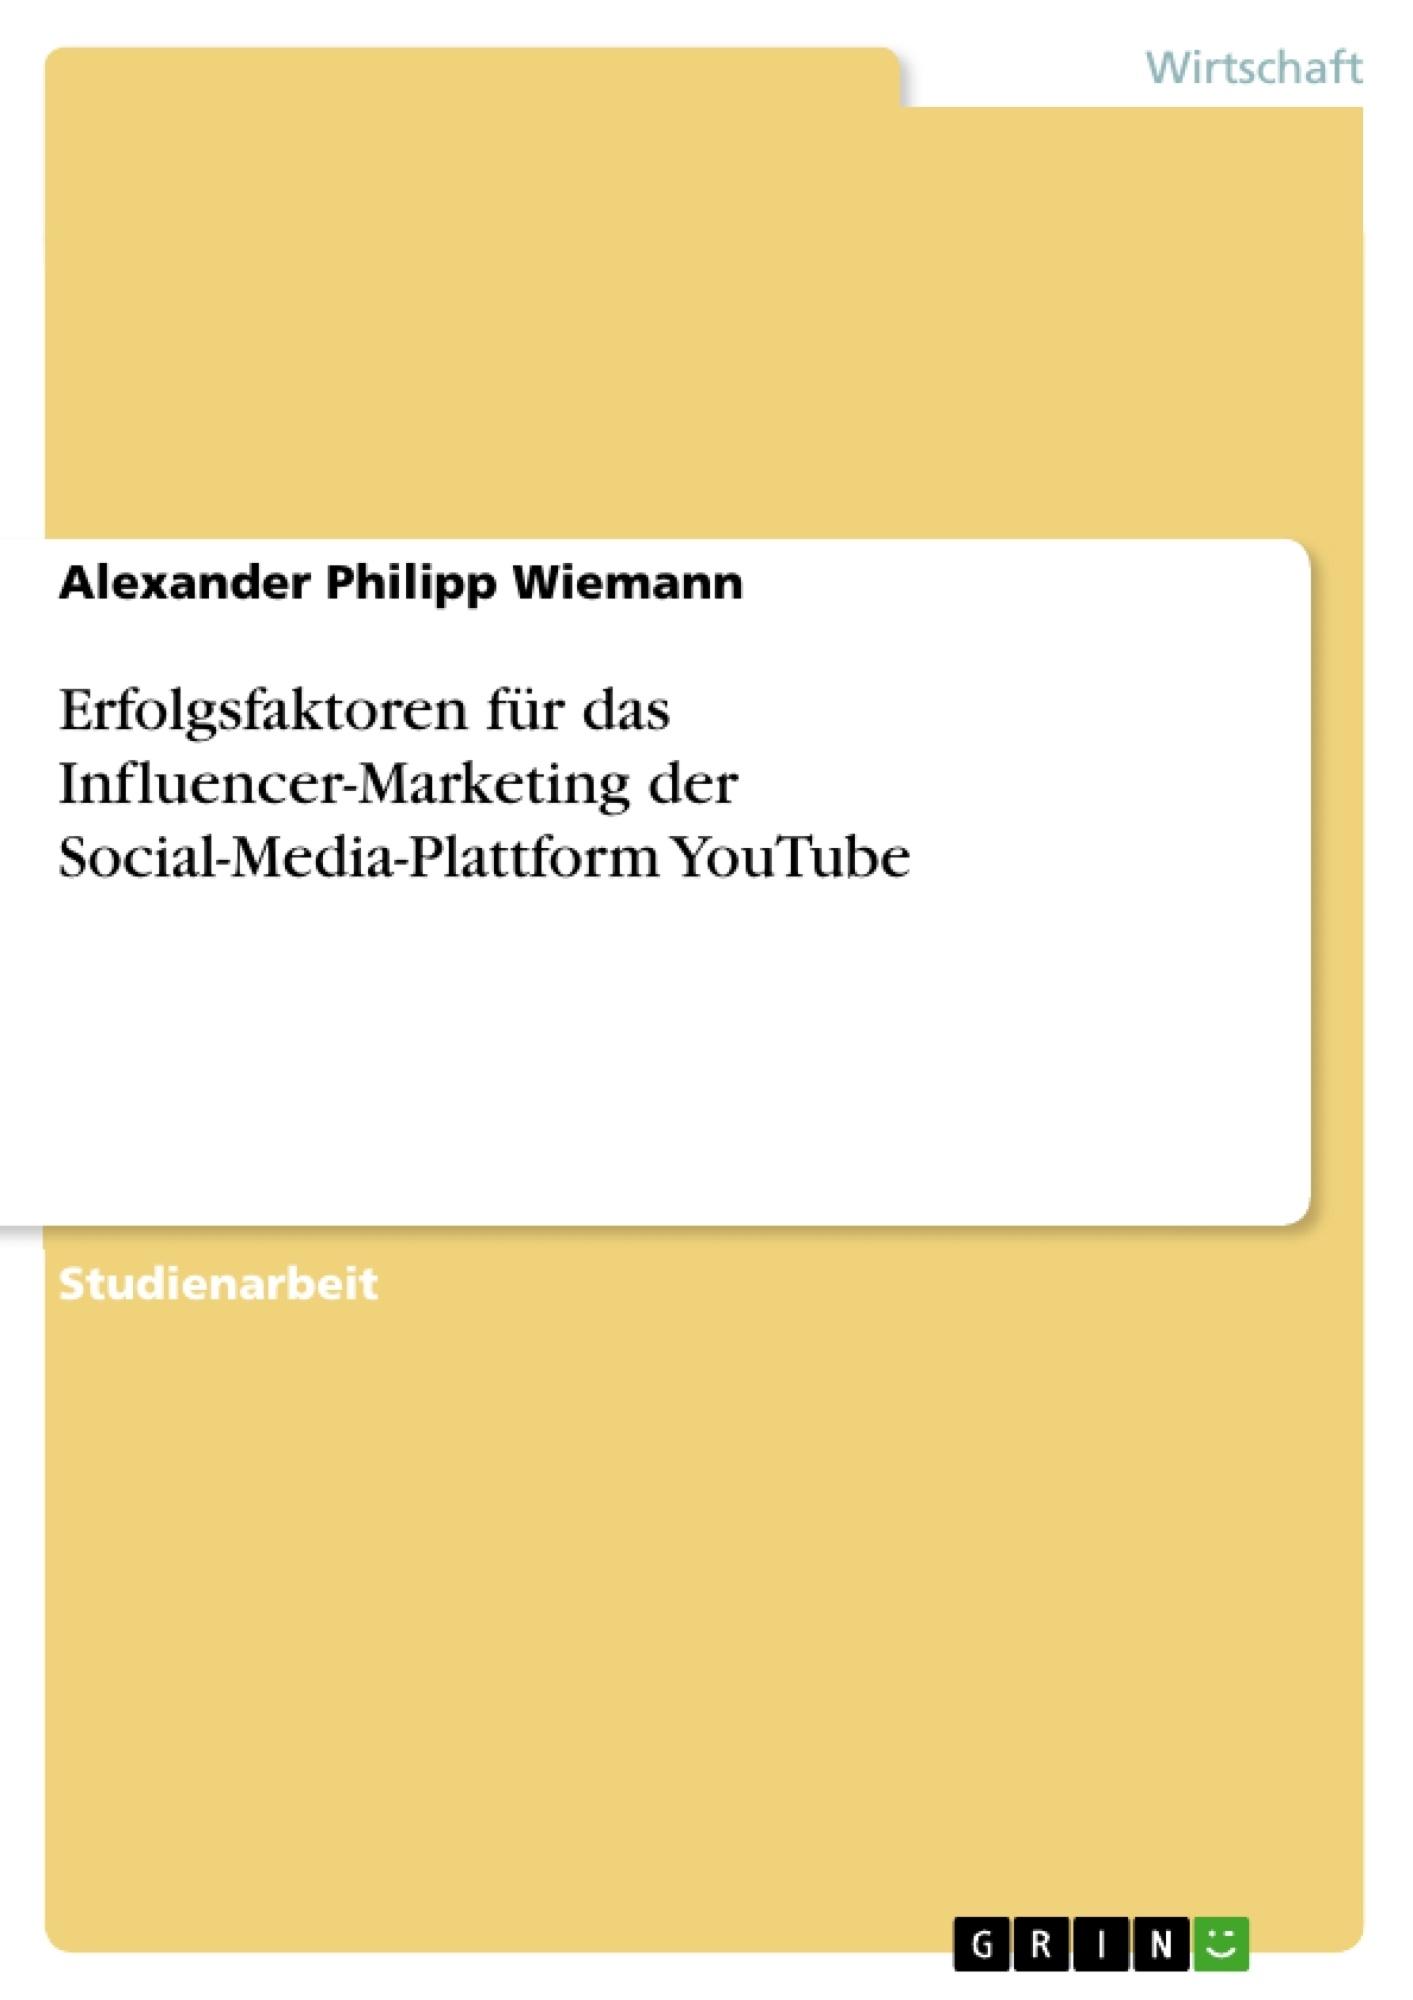 Titel: Erfolgsfaktoren für das Influencer-Marketing der Social-Media-Plattform YouTube